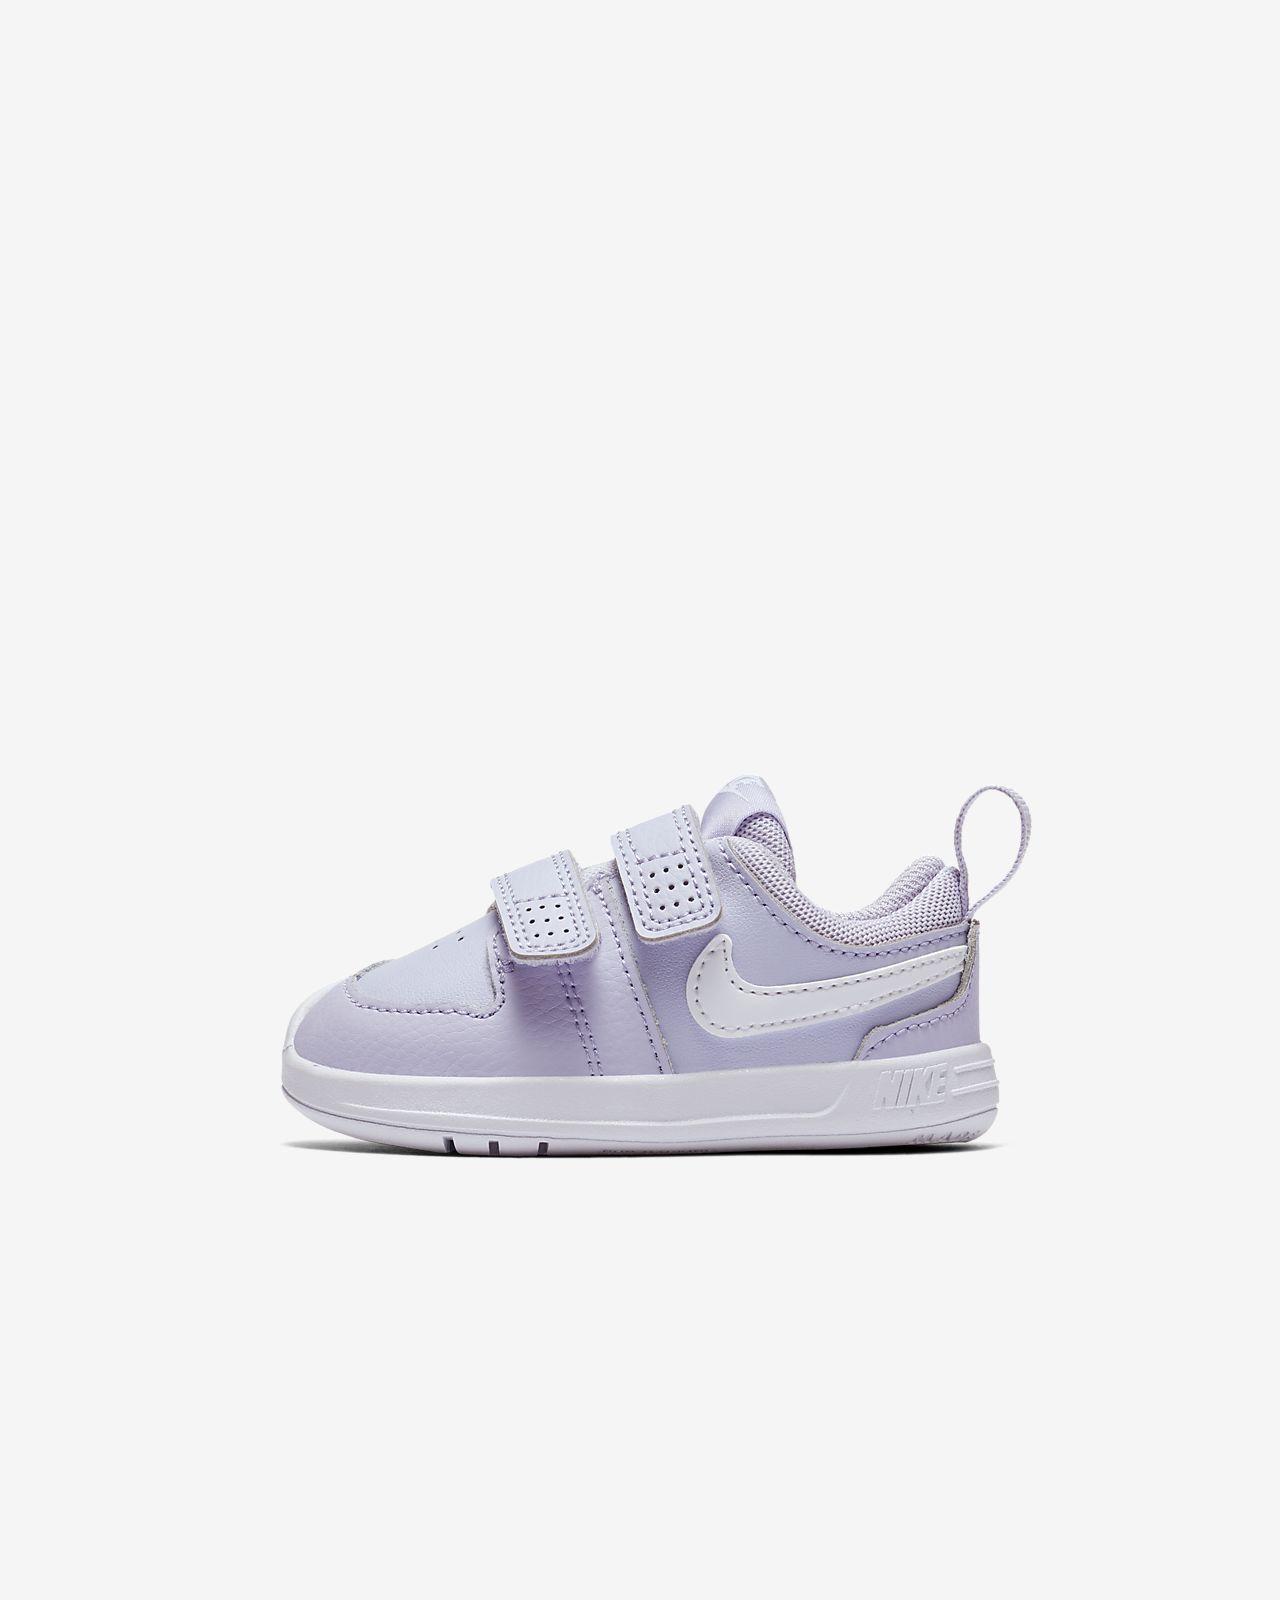 Calzado para bebé e infantil Nike Pico 5